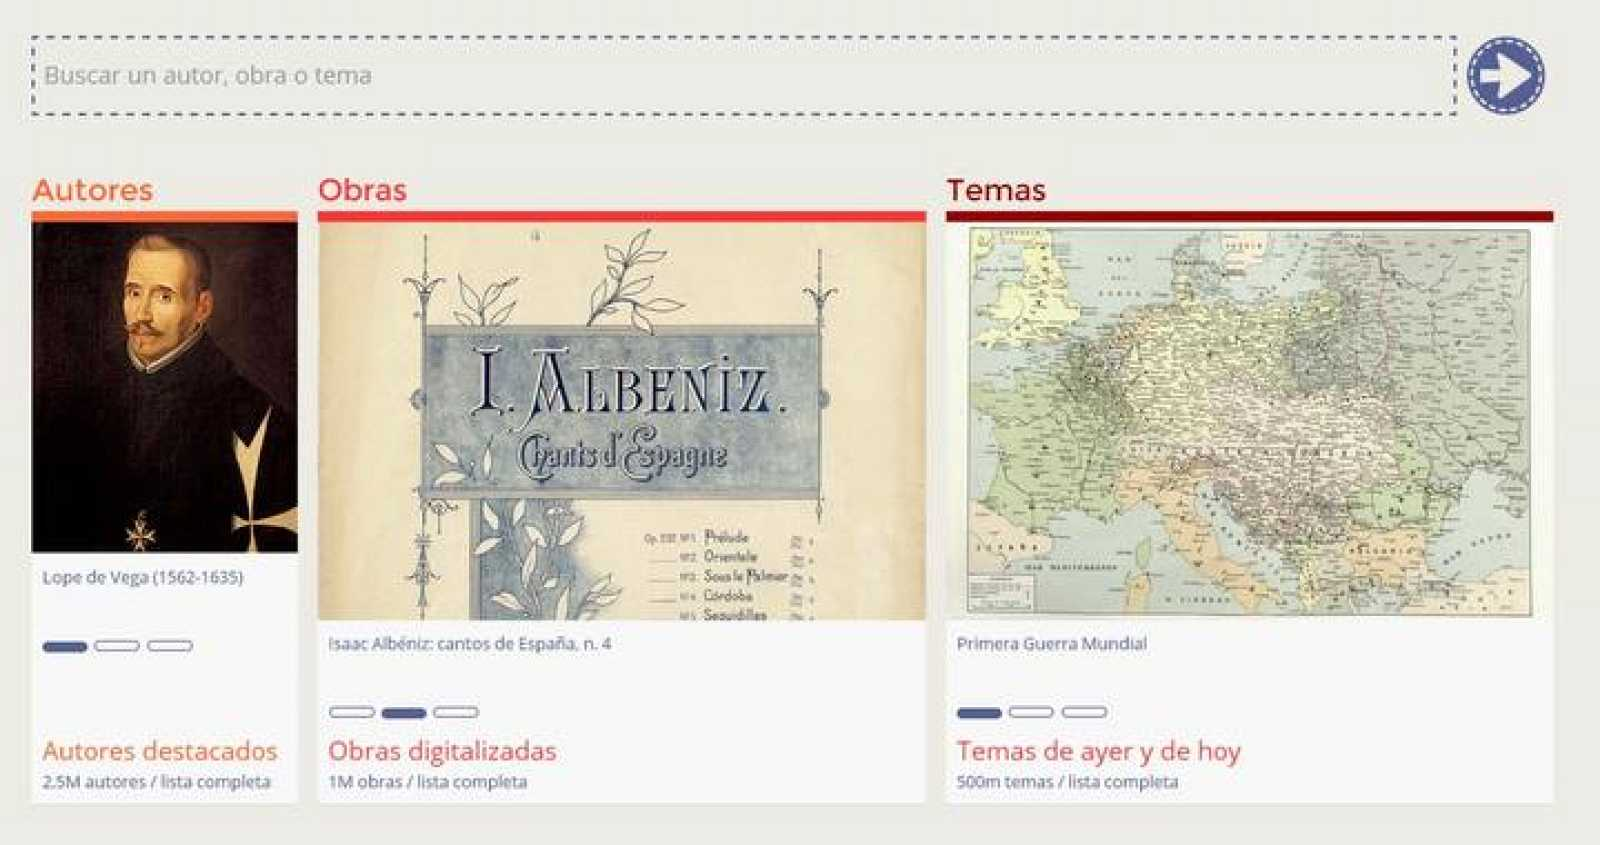 Pantallazo del nuevo portal de datos de la Biblioteca Nacional de España.